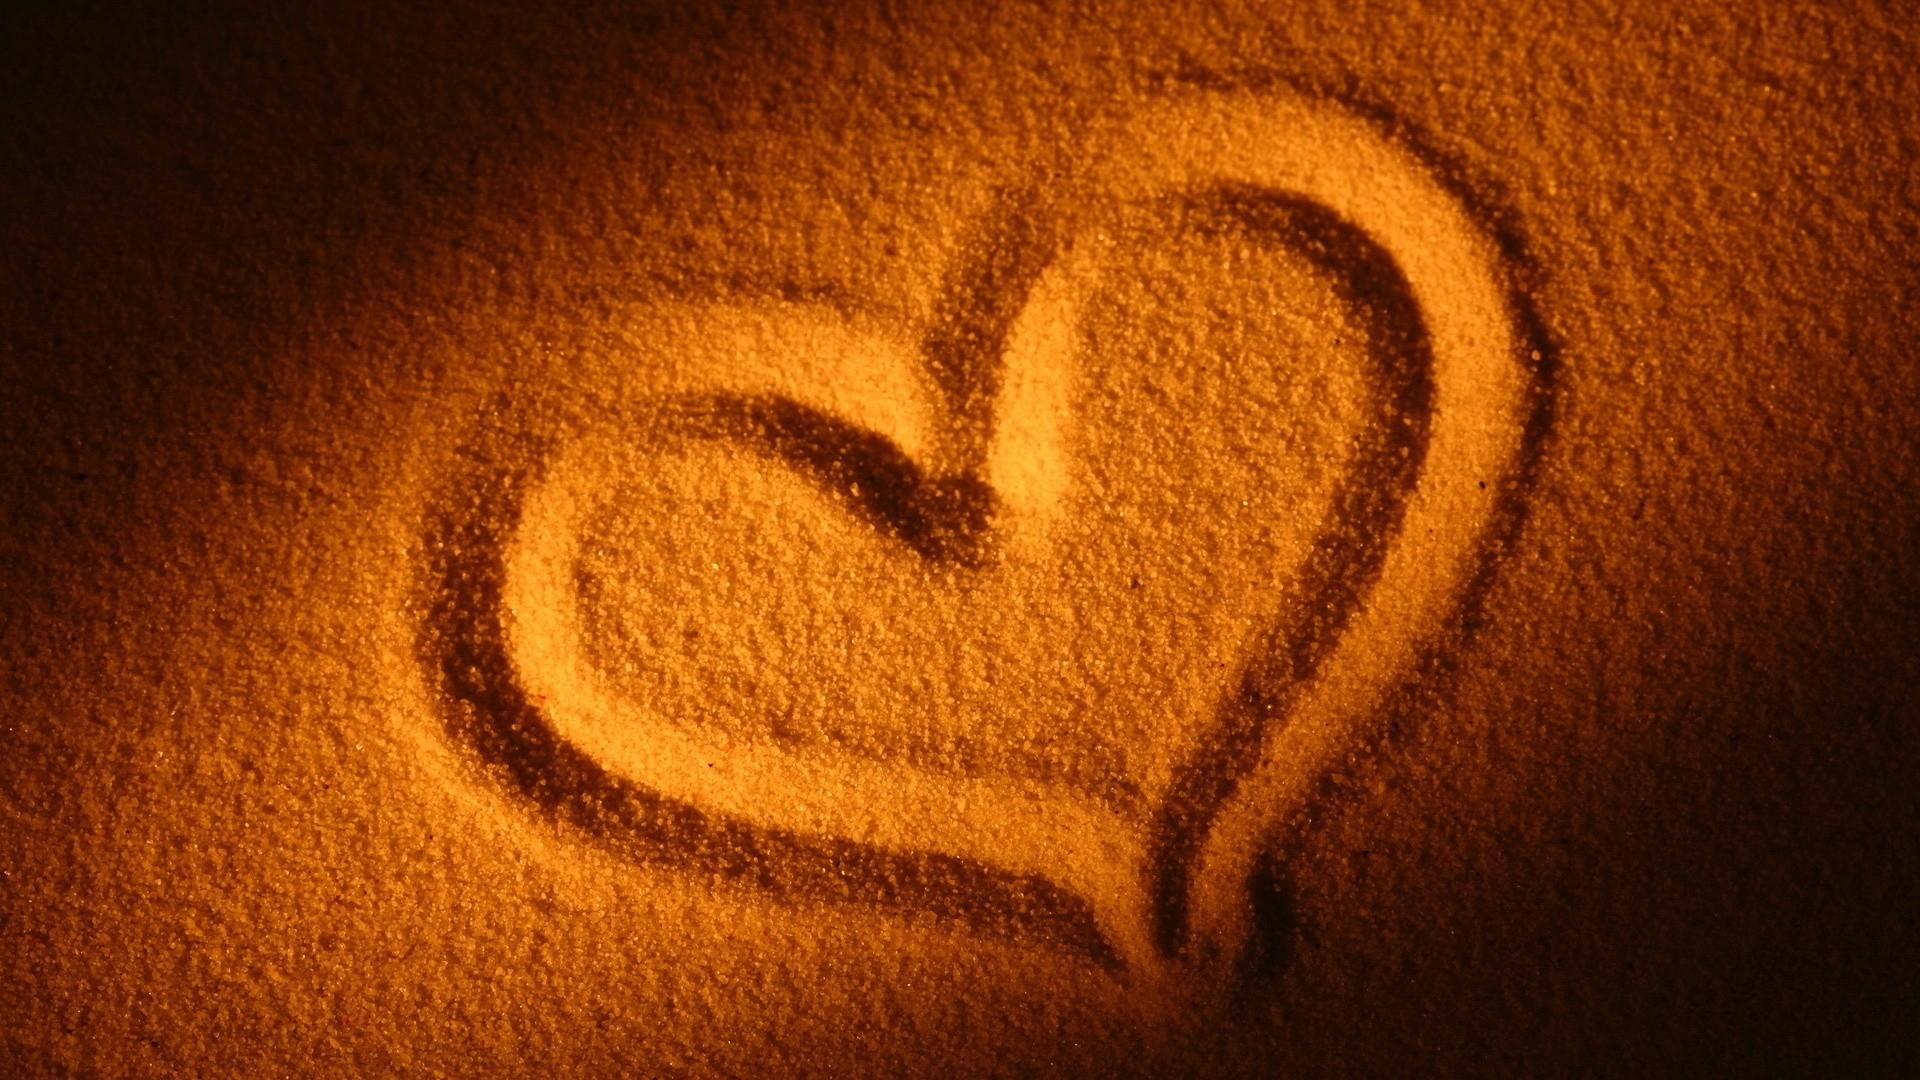 Sand Love wallpaper for desktop